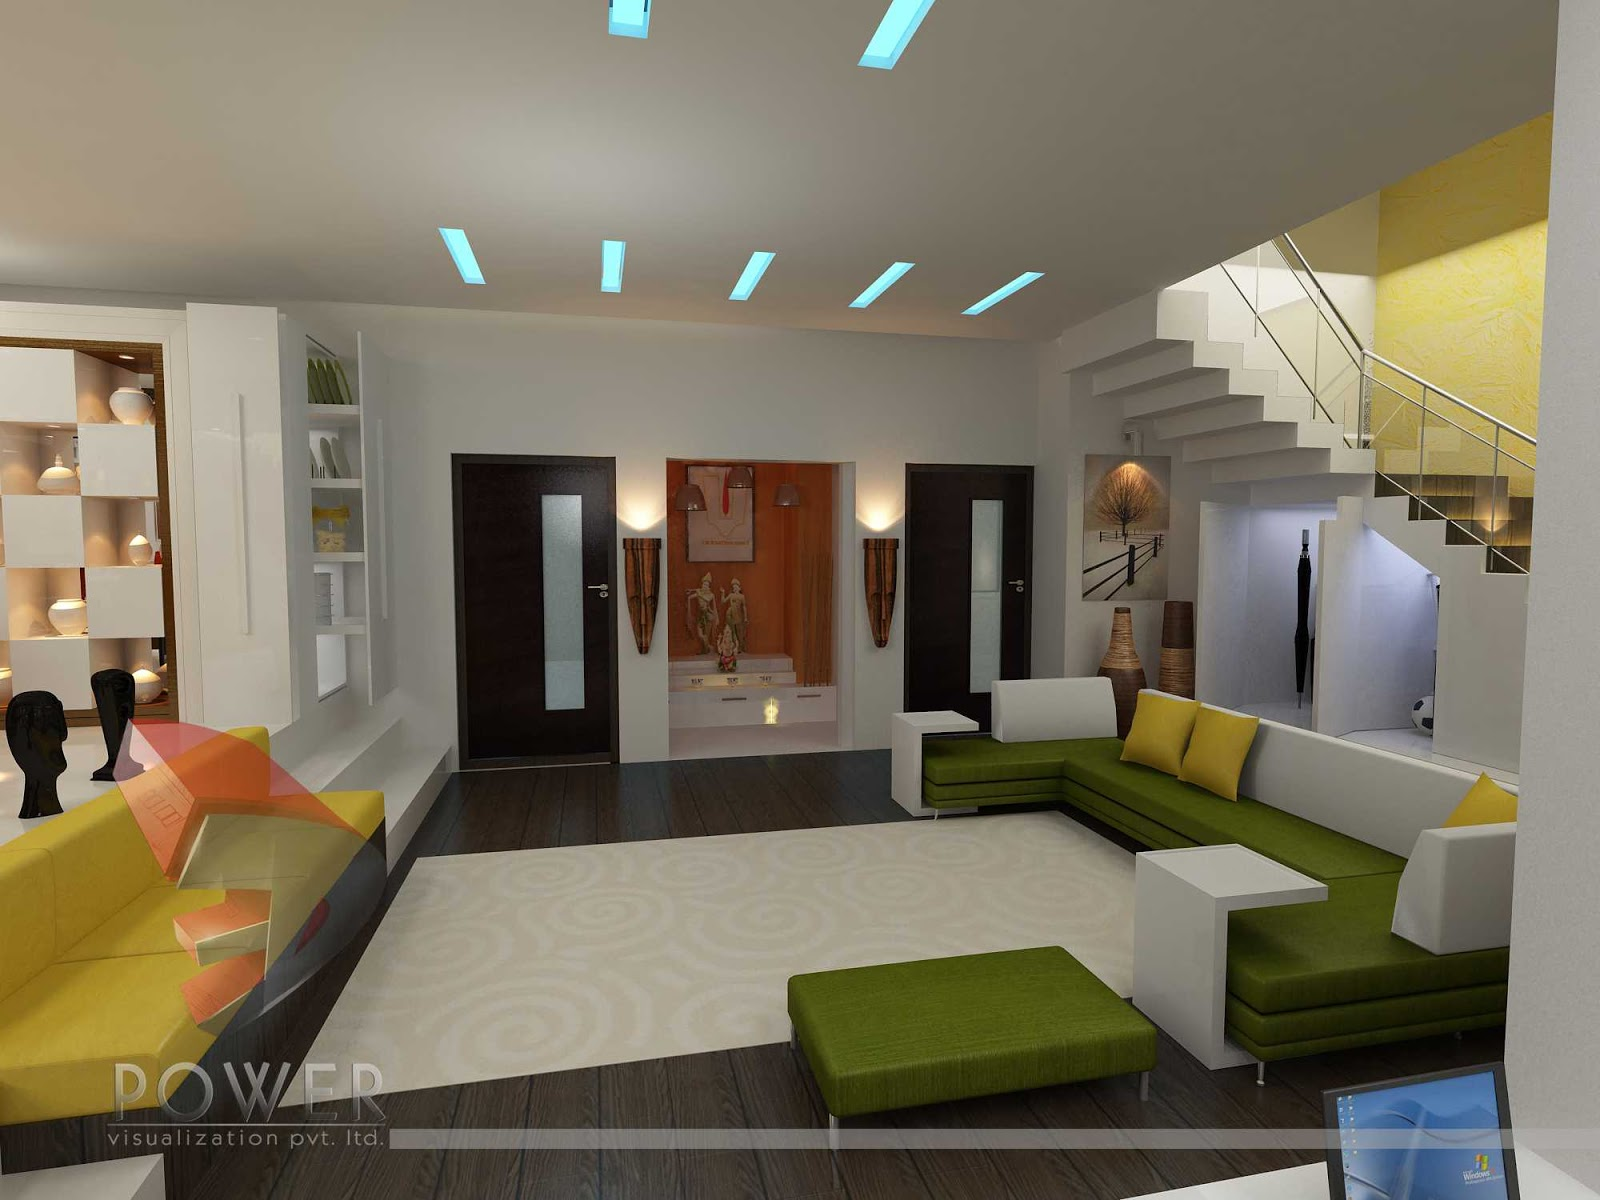 3d interior designs interior designer living room for 3d room color design